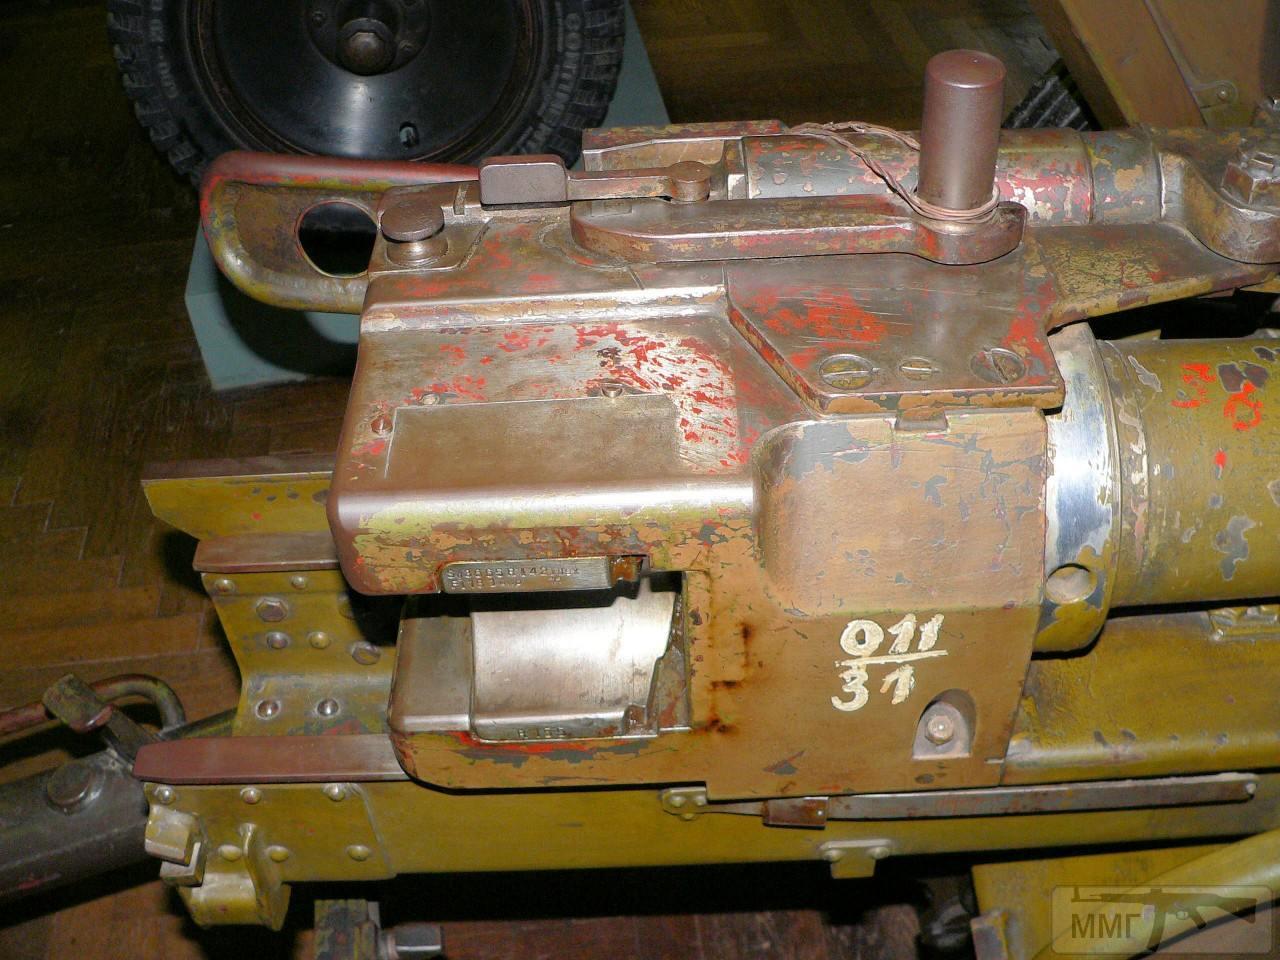 37436 - Немецкая артиллерия второй мировой